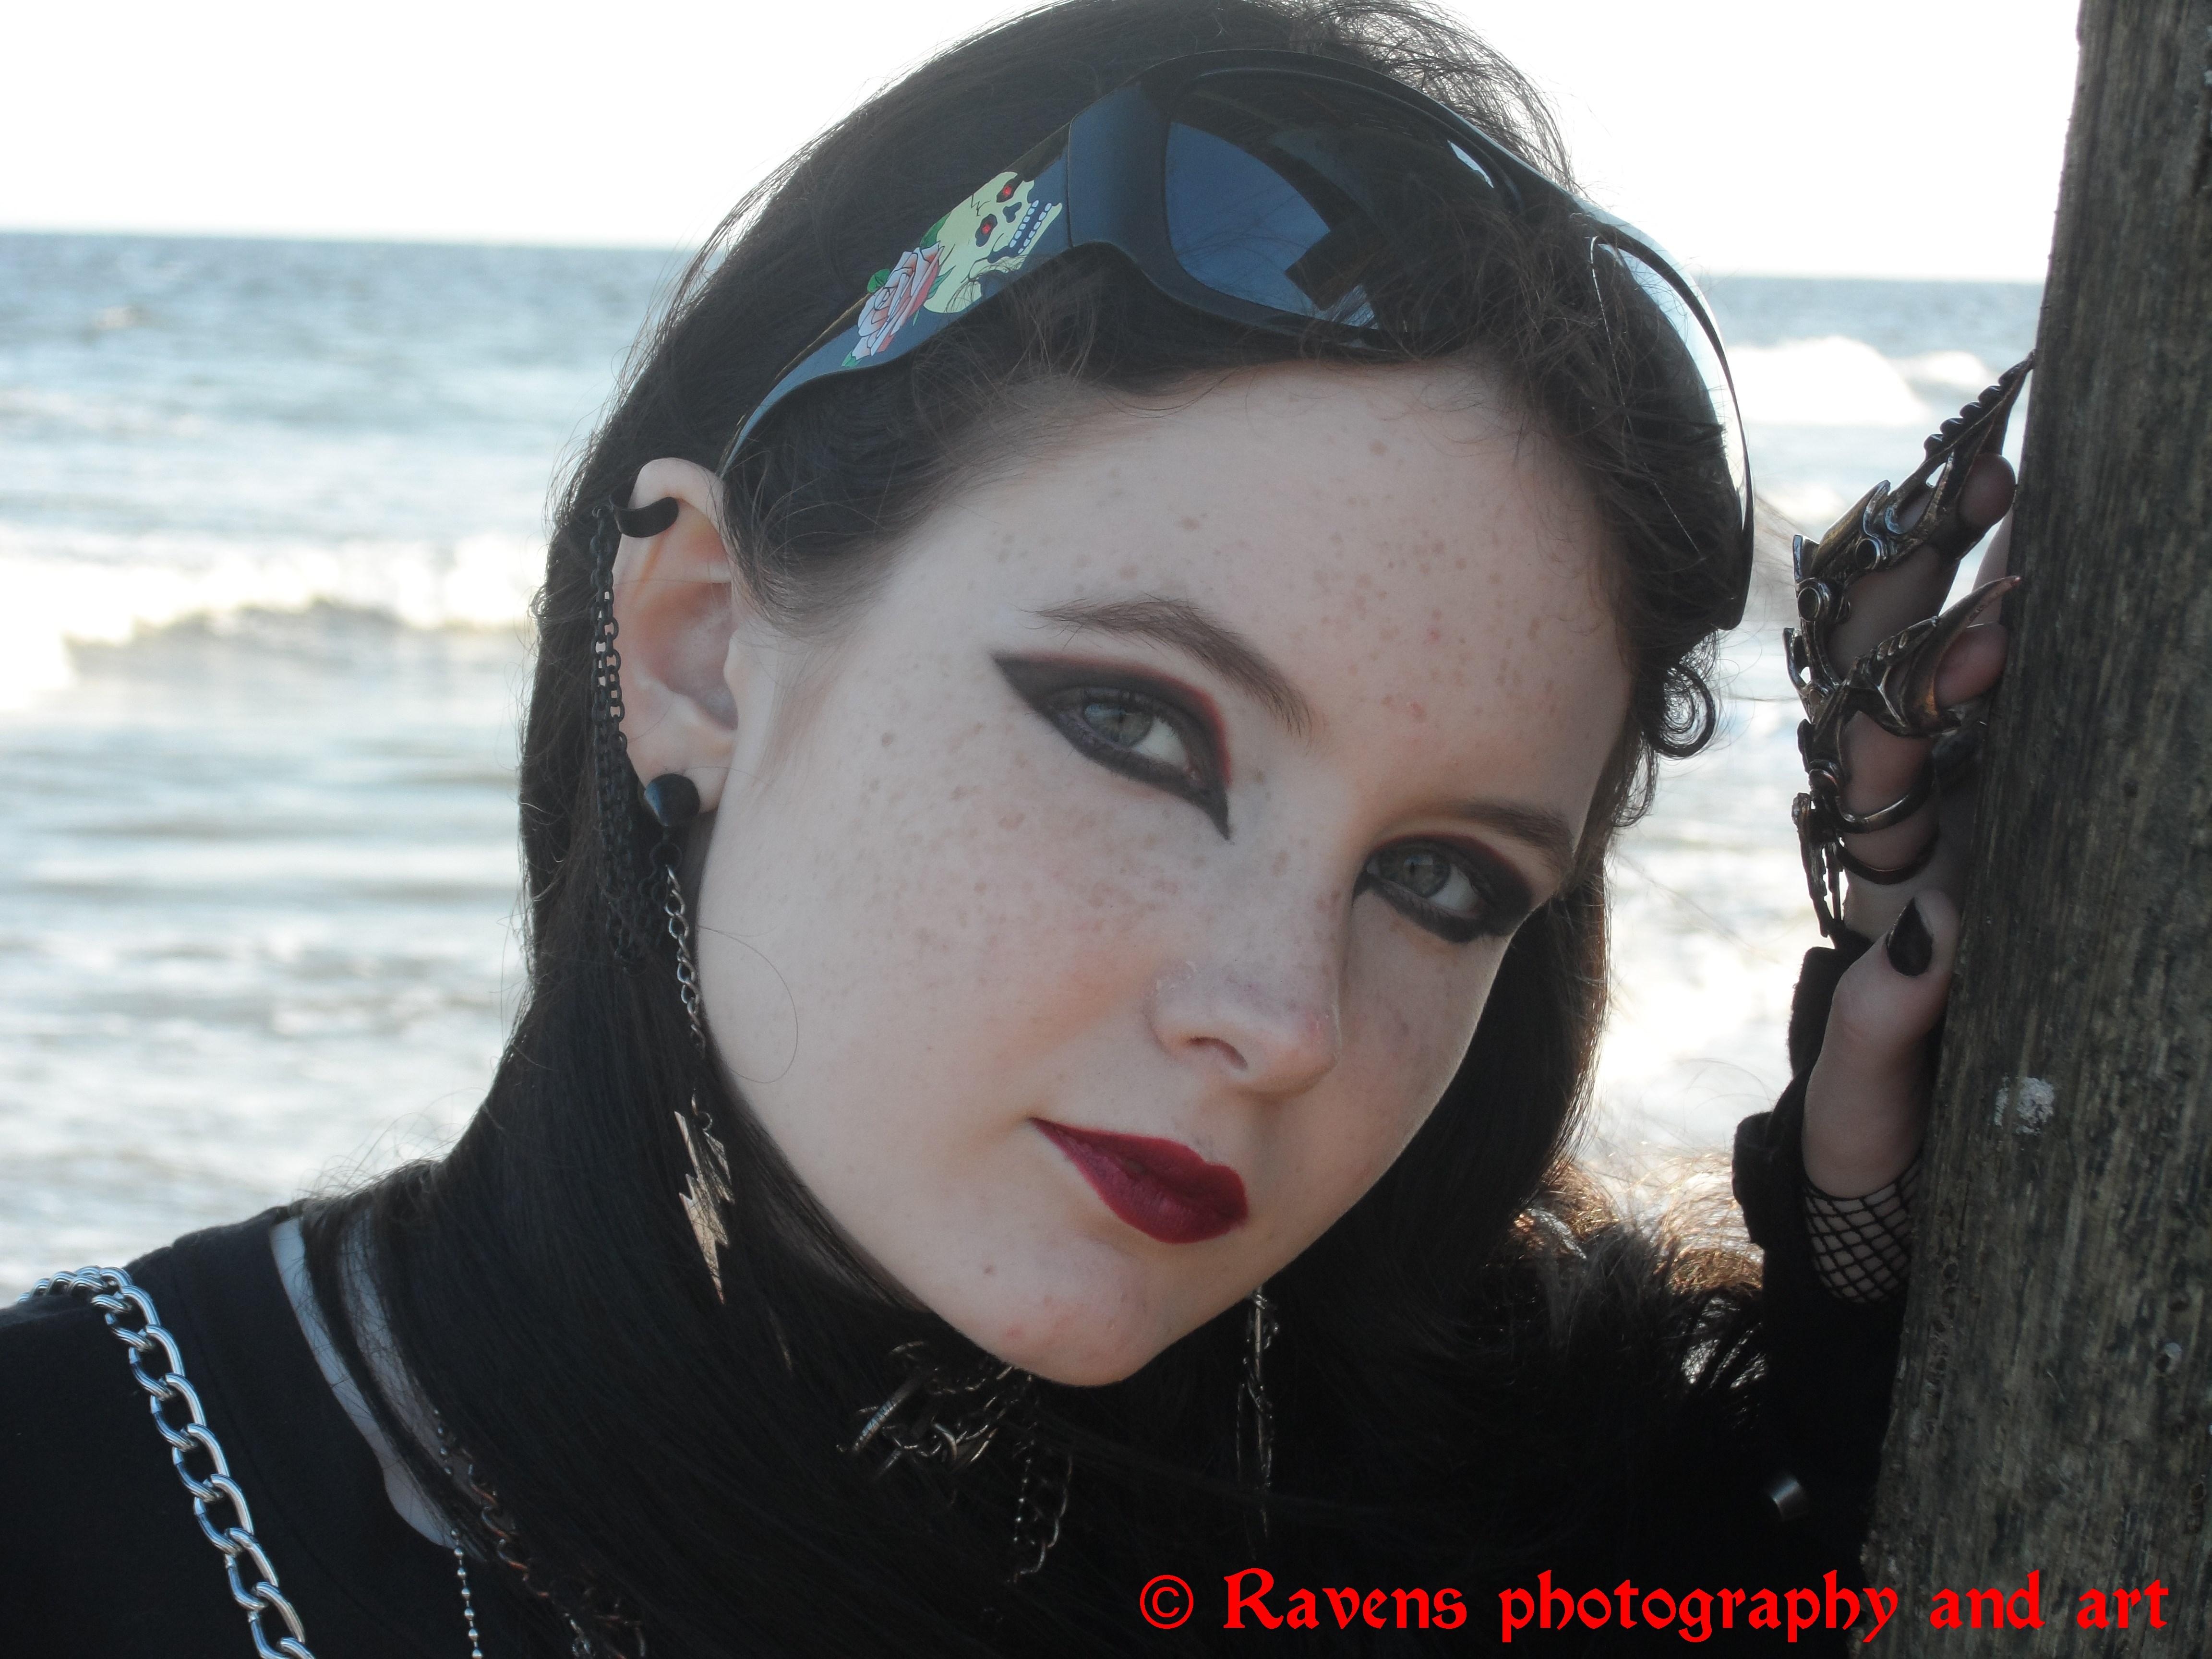 Beach headshot 2 by GothicRavenMidnight